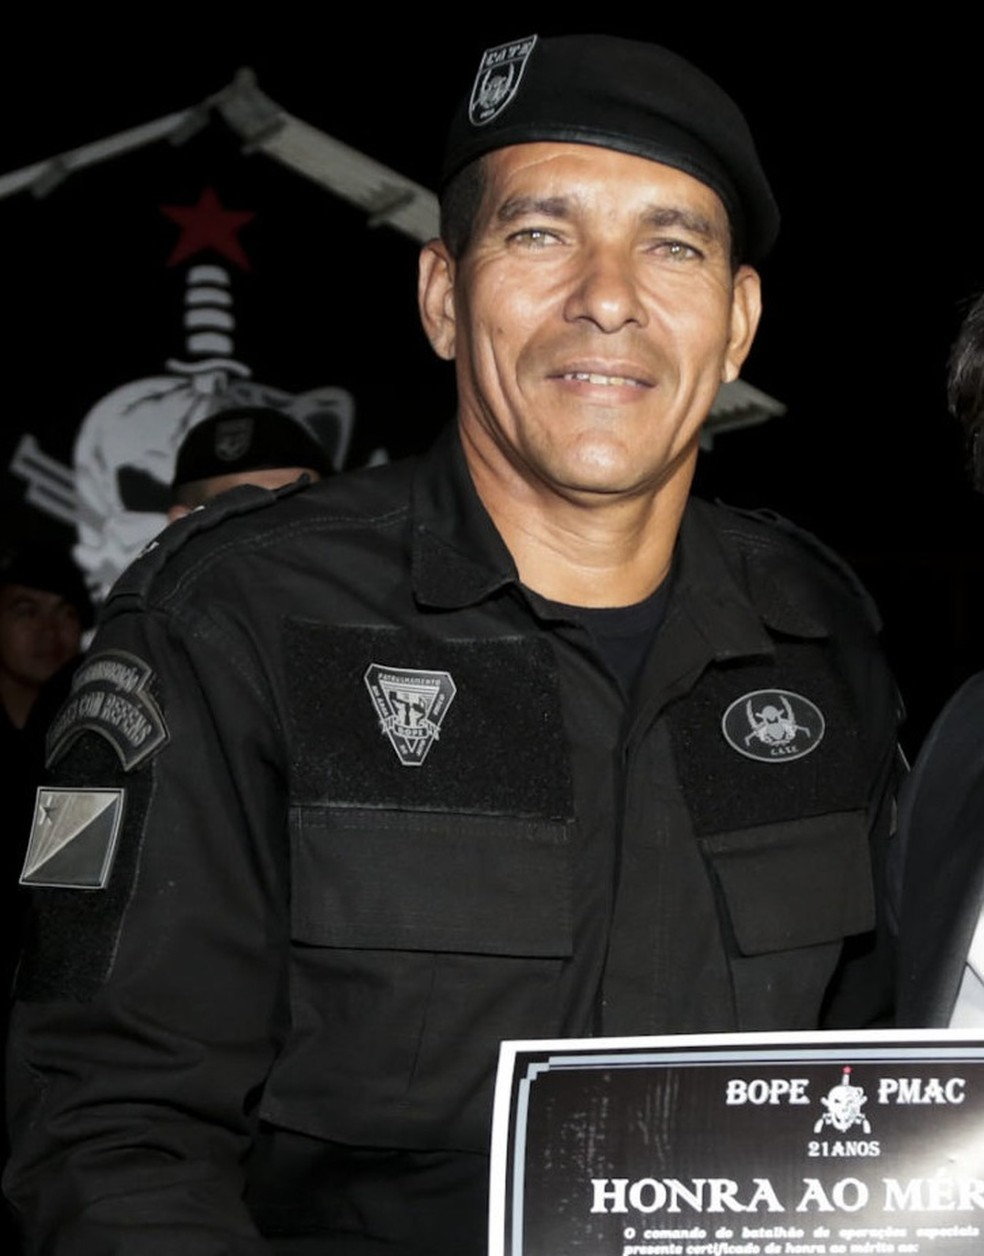 Tenente do Bope dava droga a membros de facção e recebia dinheiro de criminosas, diz MP-AC — Foto: Reprodução